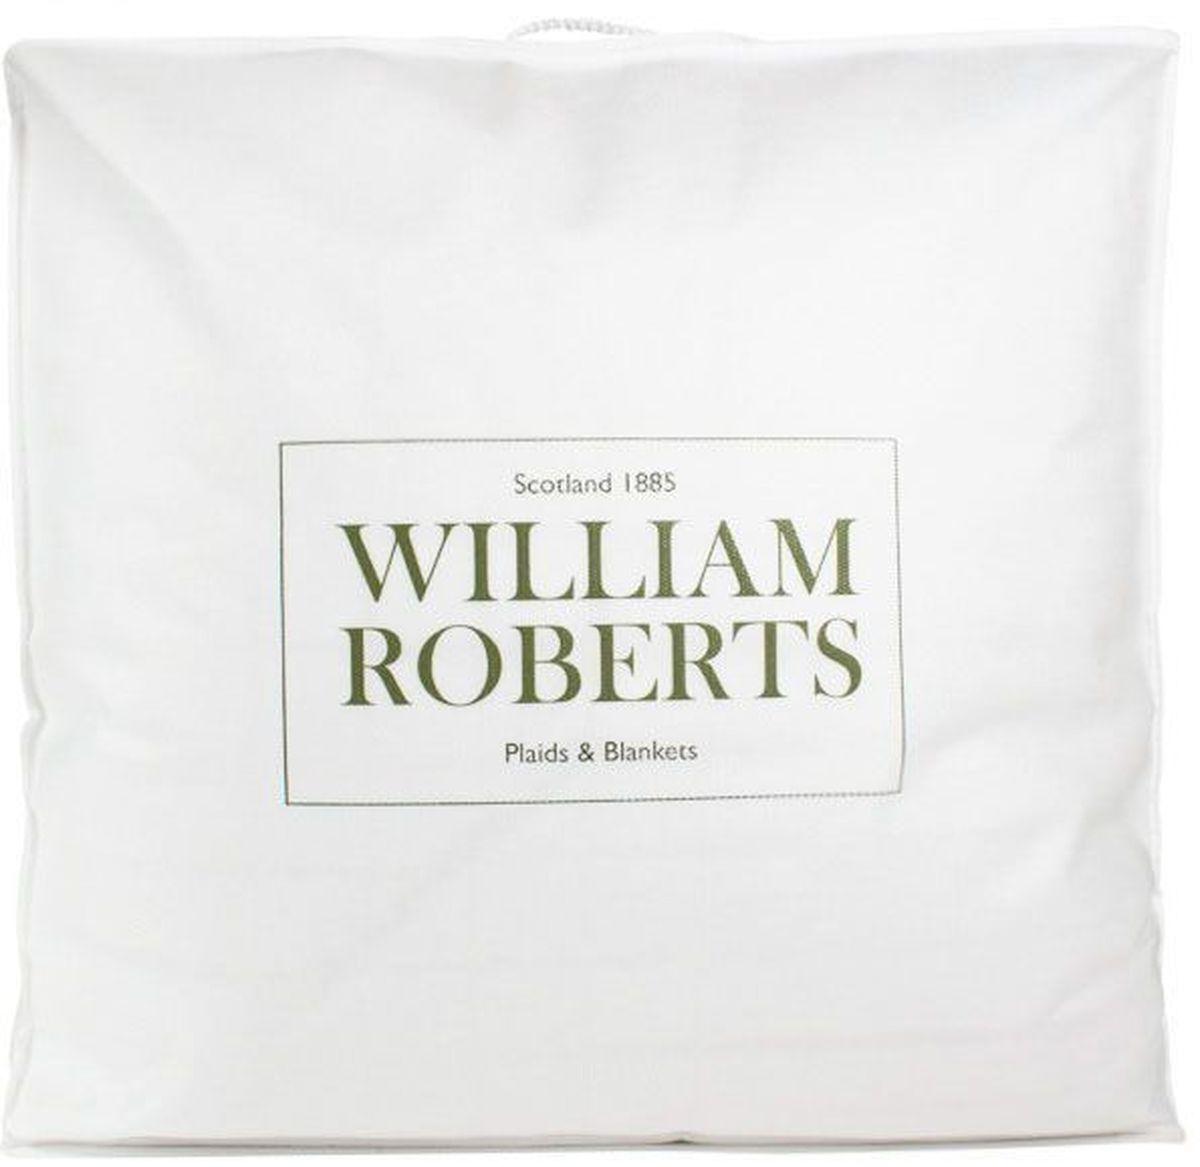 Одеяло William Roberts Essential Bamboo, всесезонное, 200х220 смwlr233240Одеяло стеганое всесезонное двуспальное (евро) Размер: 200х220 см Наполнитель: Бамбуковое волокно Плотность наполнителя: 300 гр/м2 Состав: 100% Бамбук Материал чехла: Хлопковый сатин Состав: 100% Хлопок Отделка: Кант Производитель: William Roberts Страна производства: Великобритания